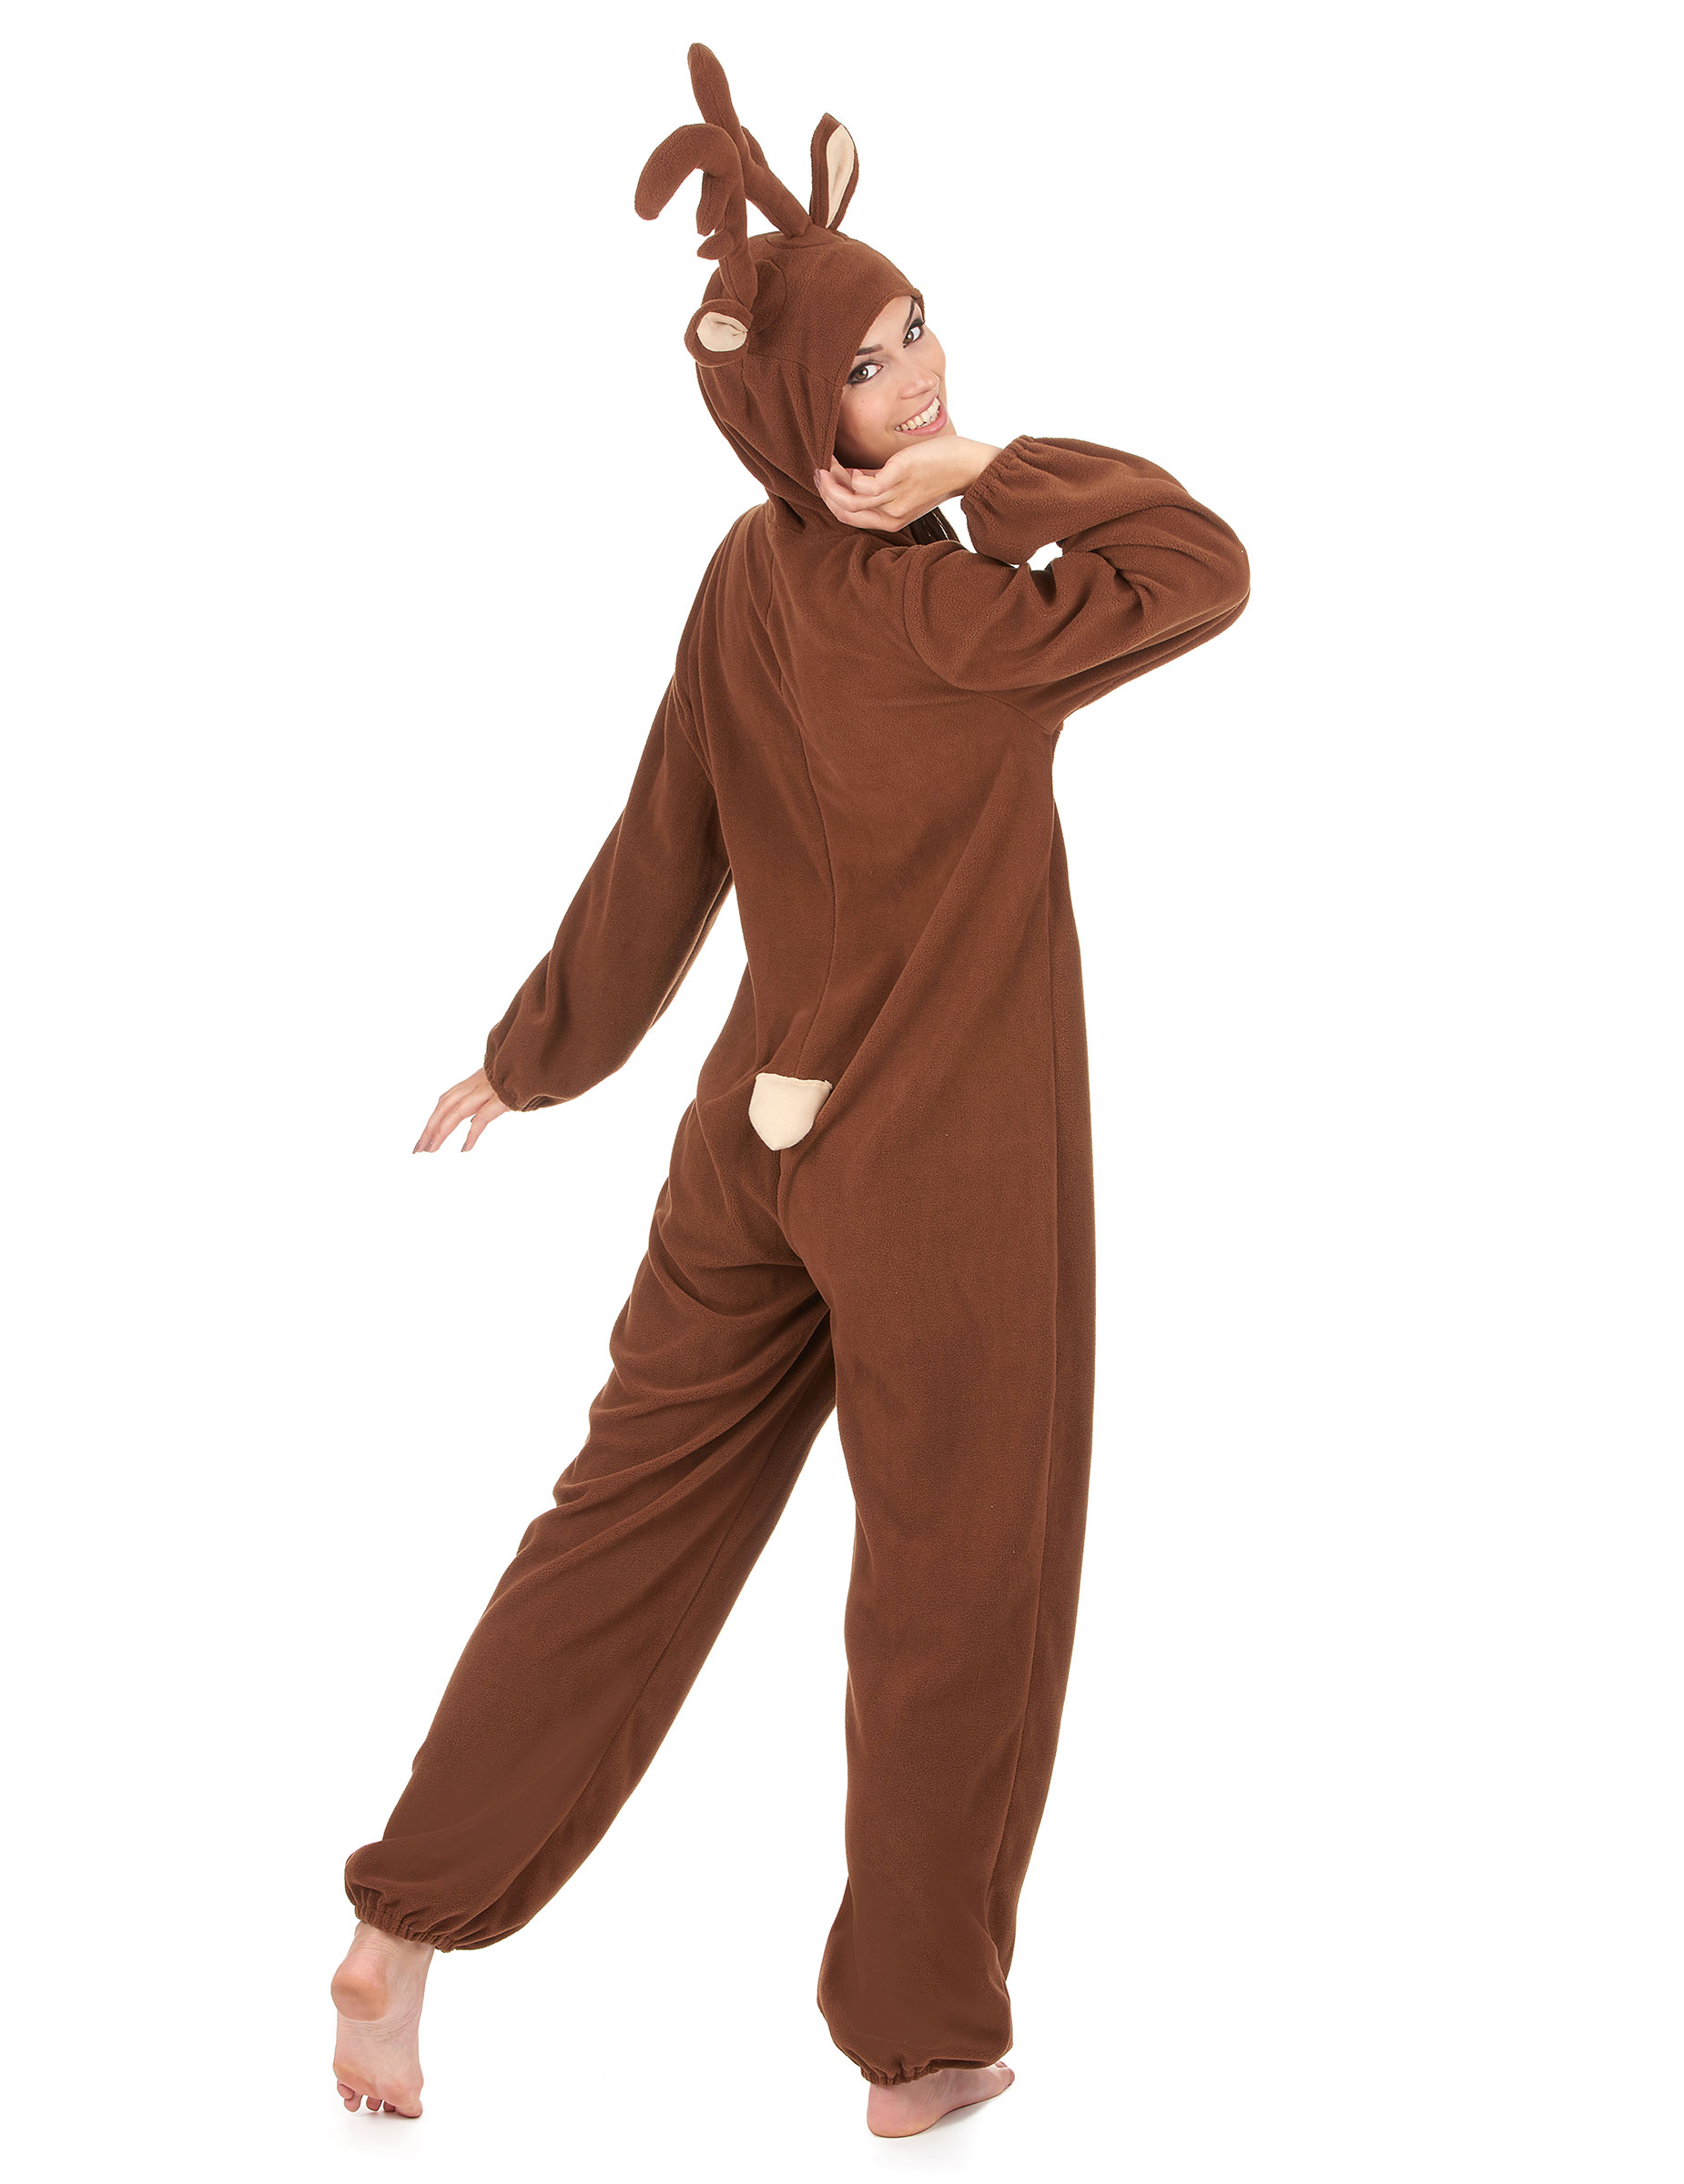 Kostume heldragt rensdyr dame, køb Kostumer til voksne på